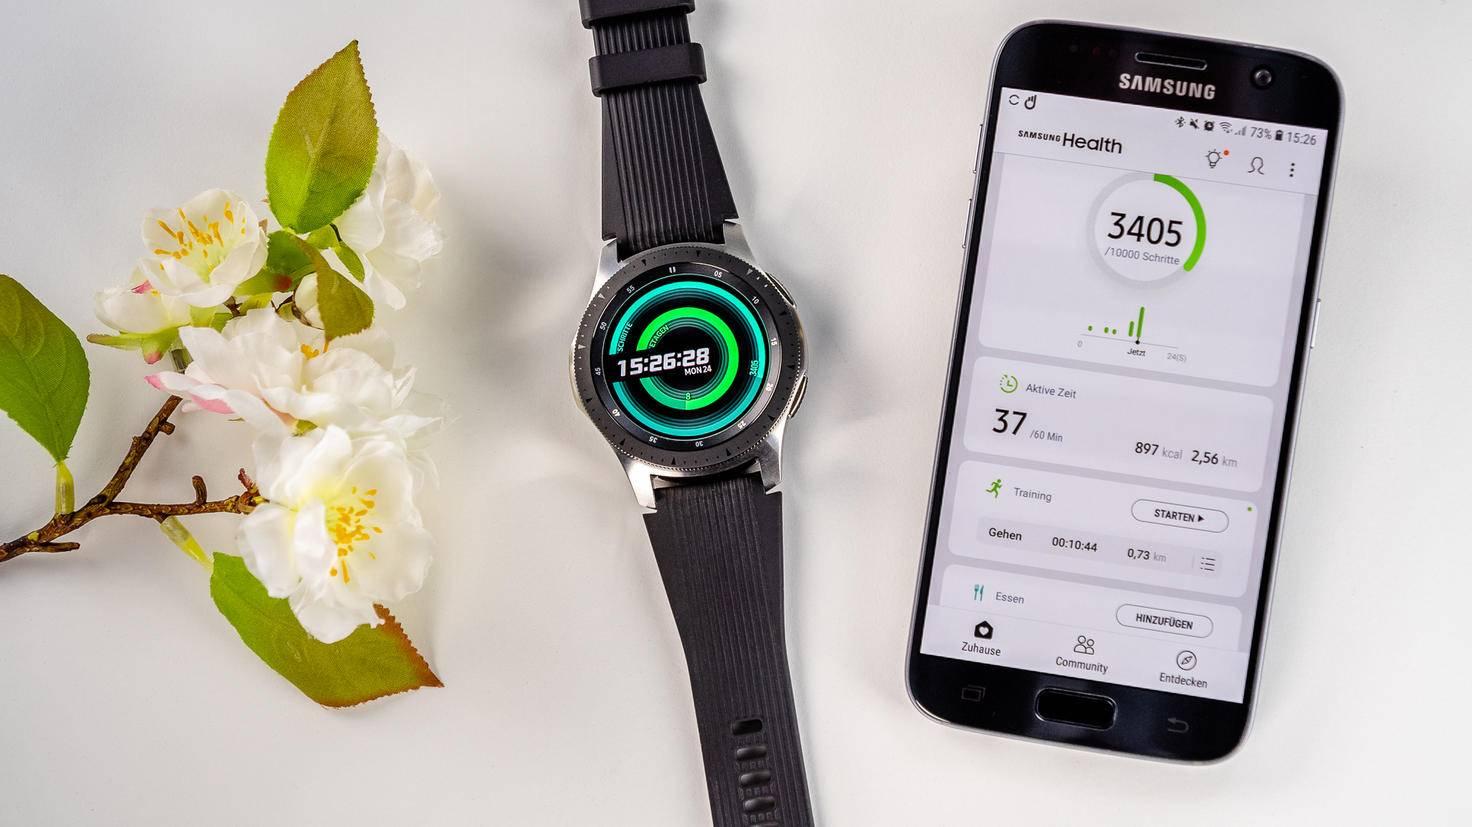 Galaxy-Watch-Besitzer brauchen zwei Smartphone-Apps: Galaxy Wearable und Samsung Health.